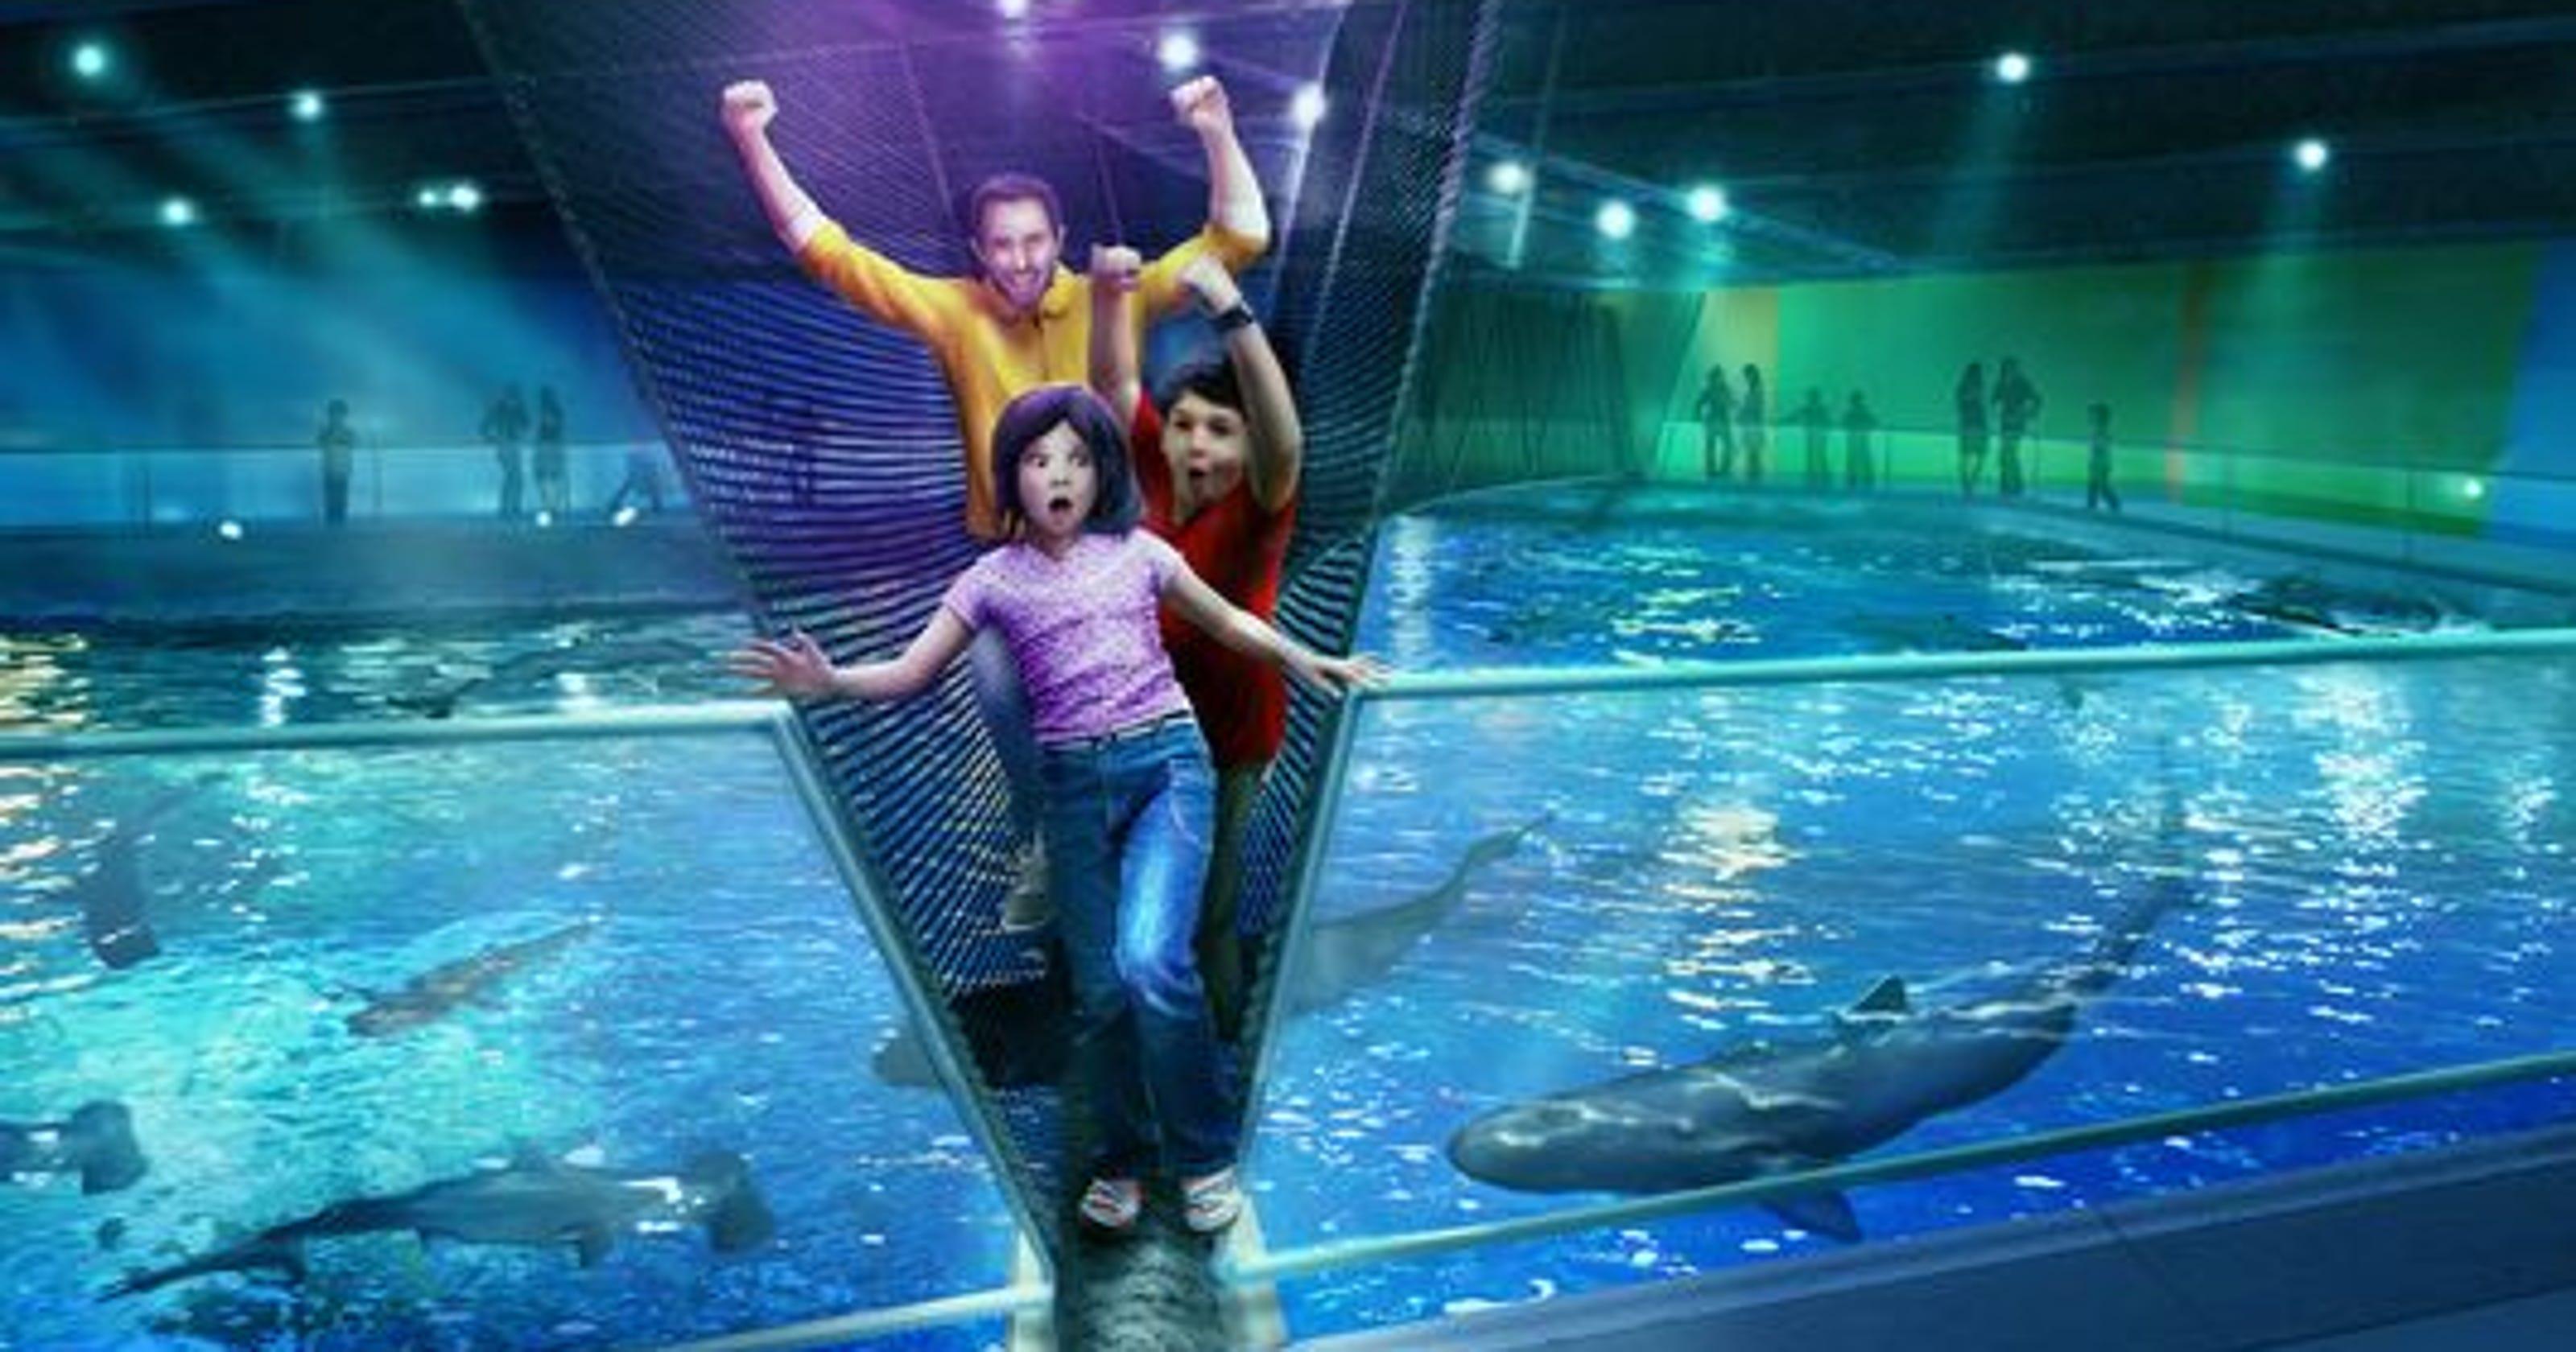 Bridge over shark tank opens at Newport Aquarium